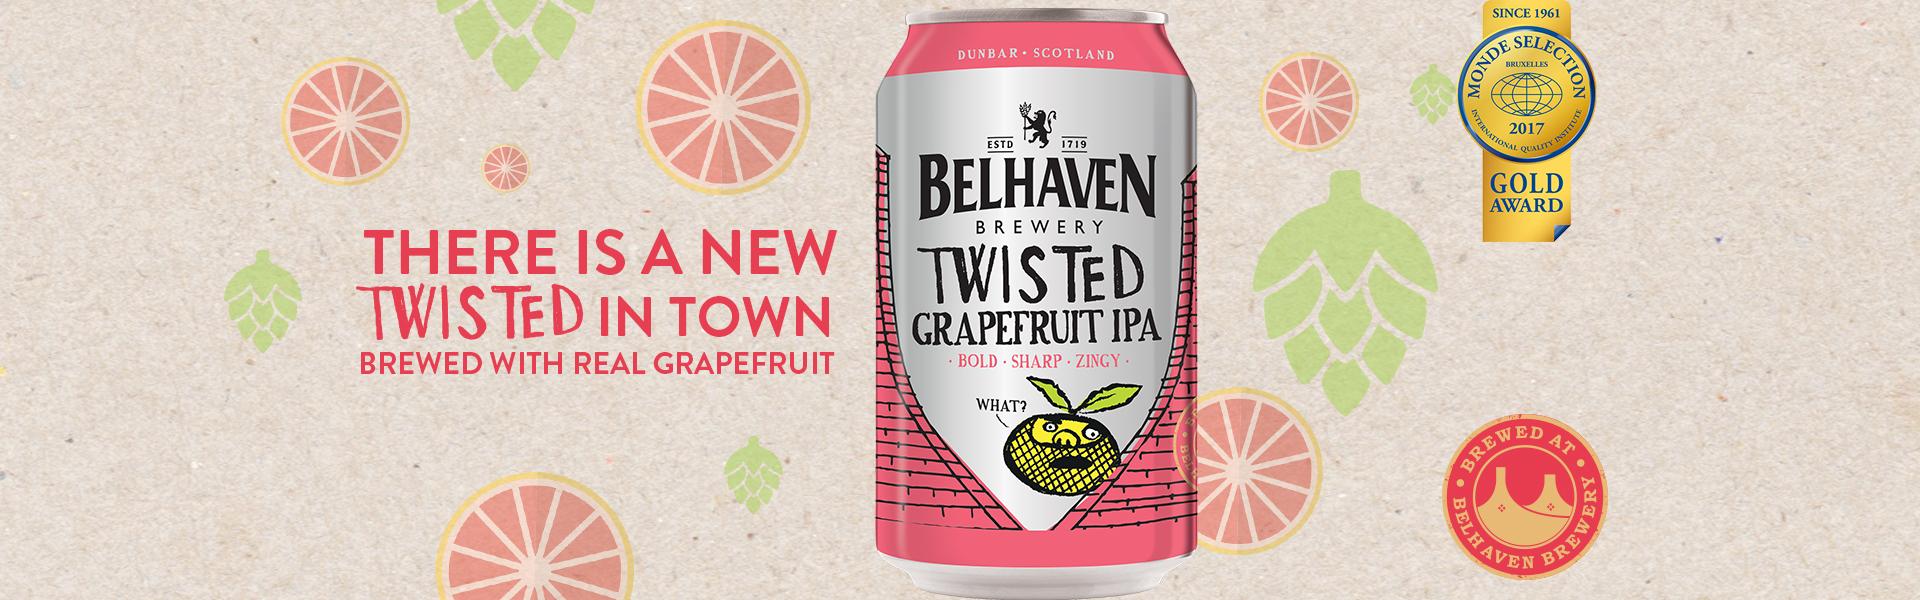 Twisted Grapefuit IPA – Belhaven Brewery lanserar IPA med färsk grapefrukt.